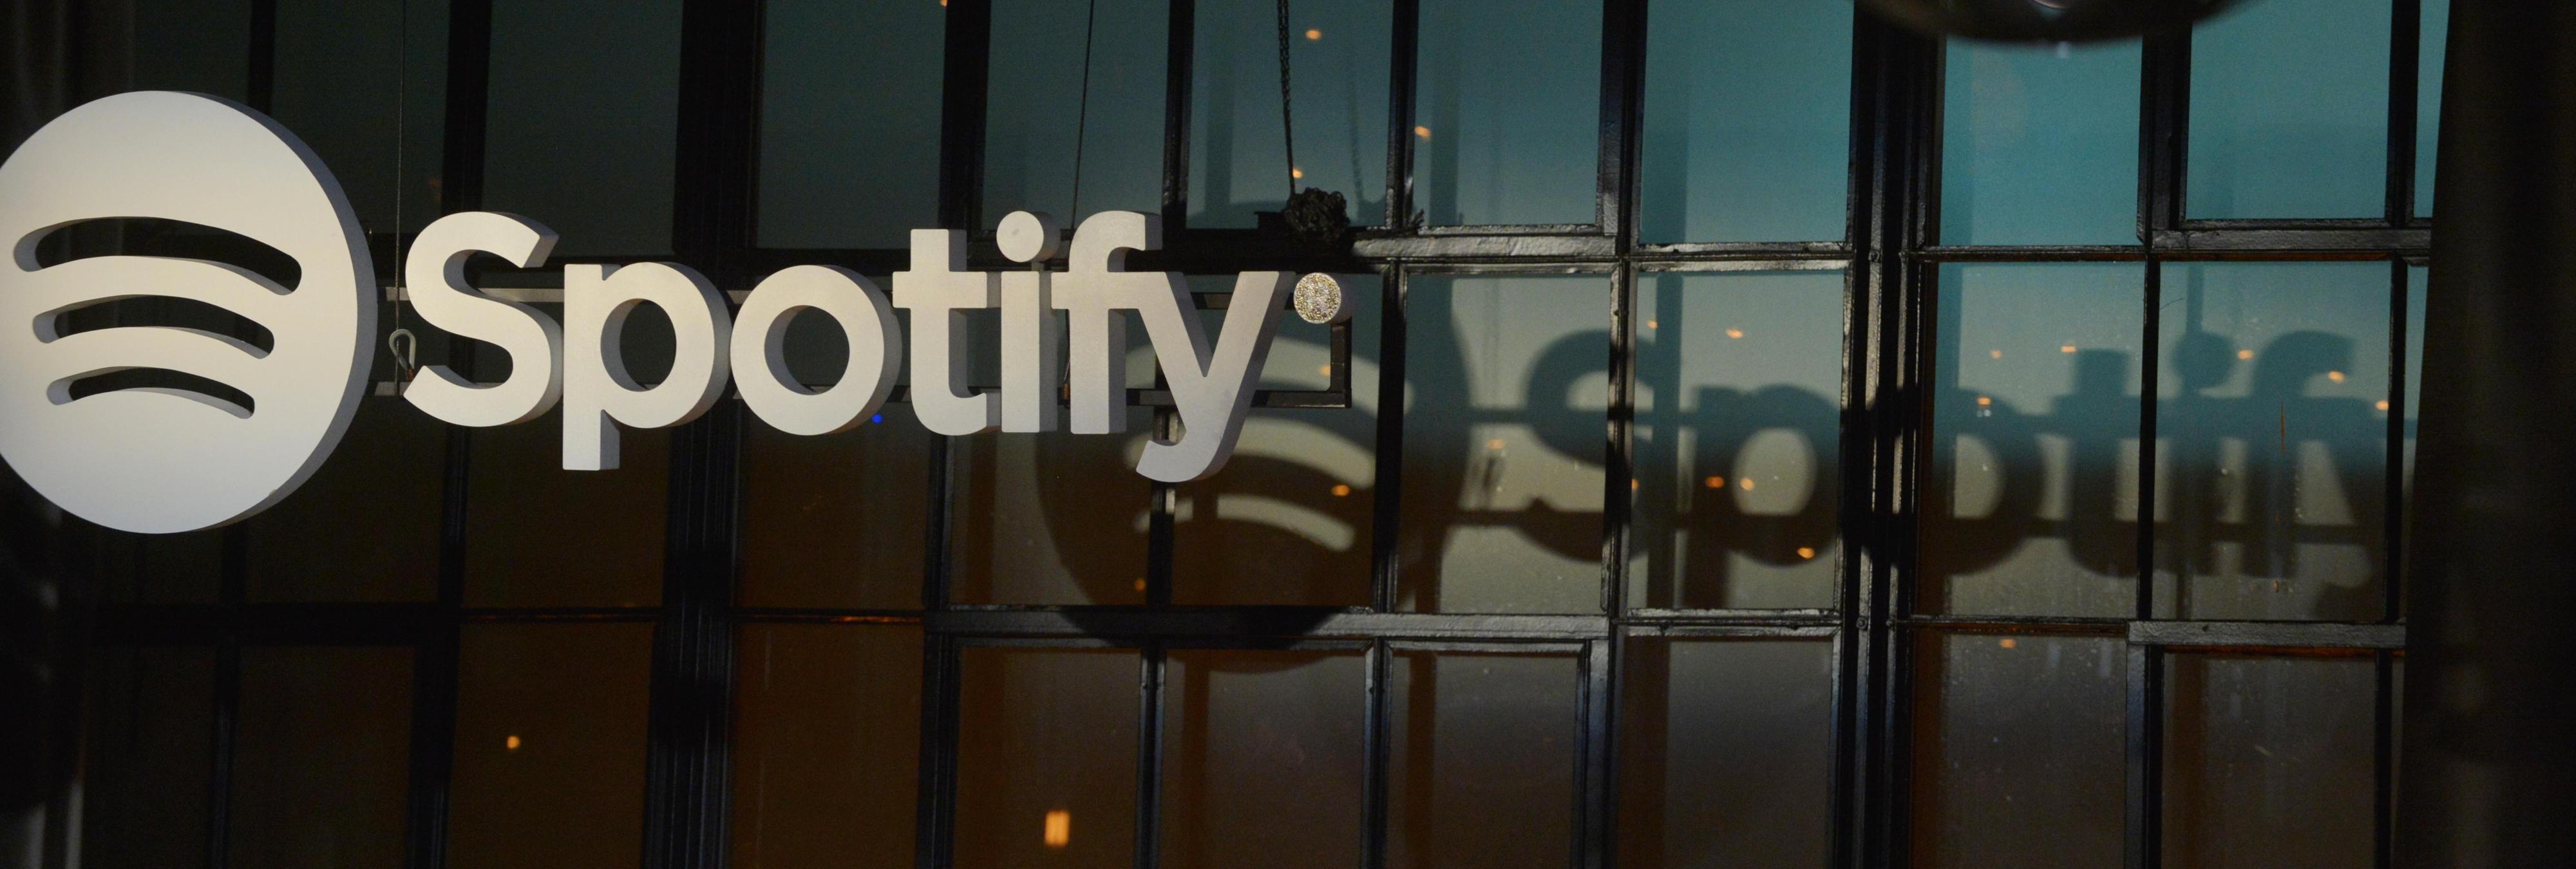 La Comisión Europea afirma que Spotify ha reducido la piratería